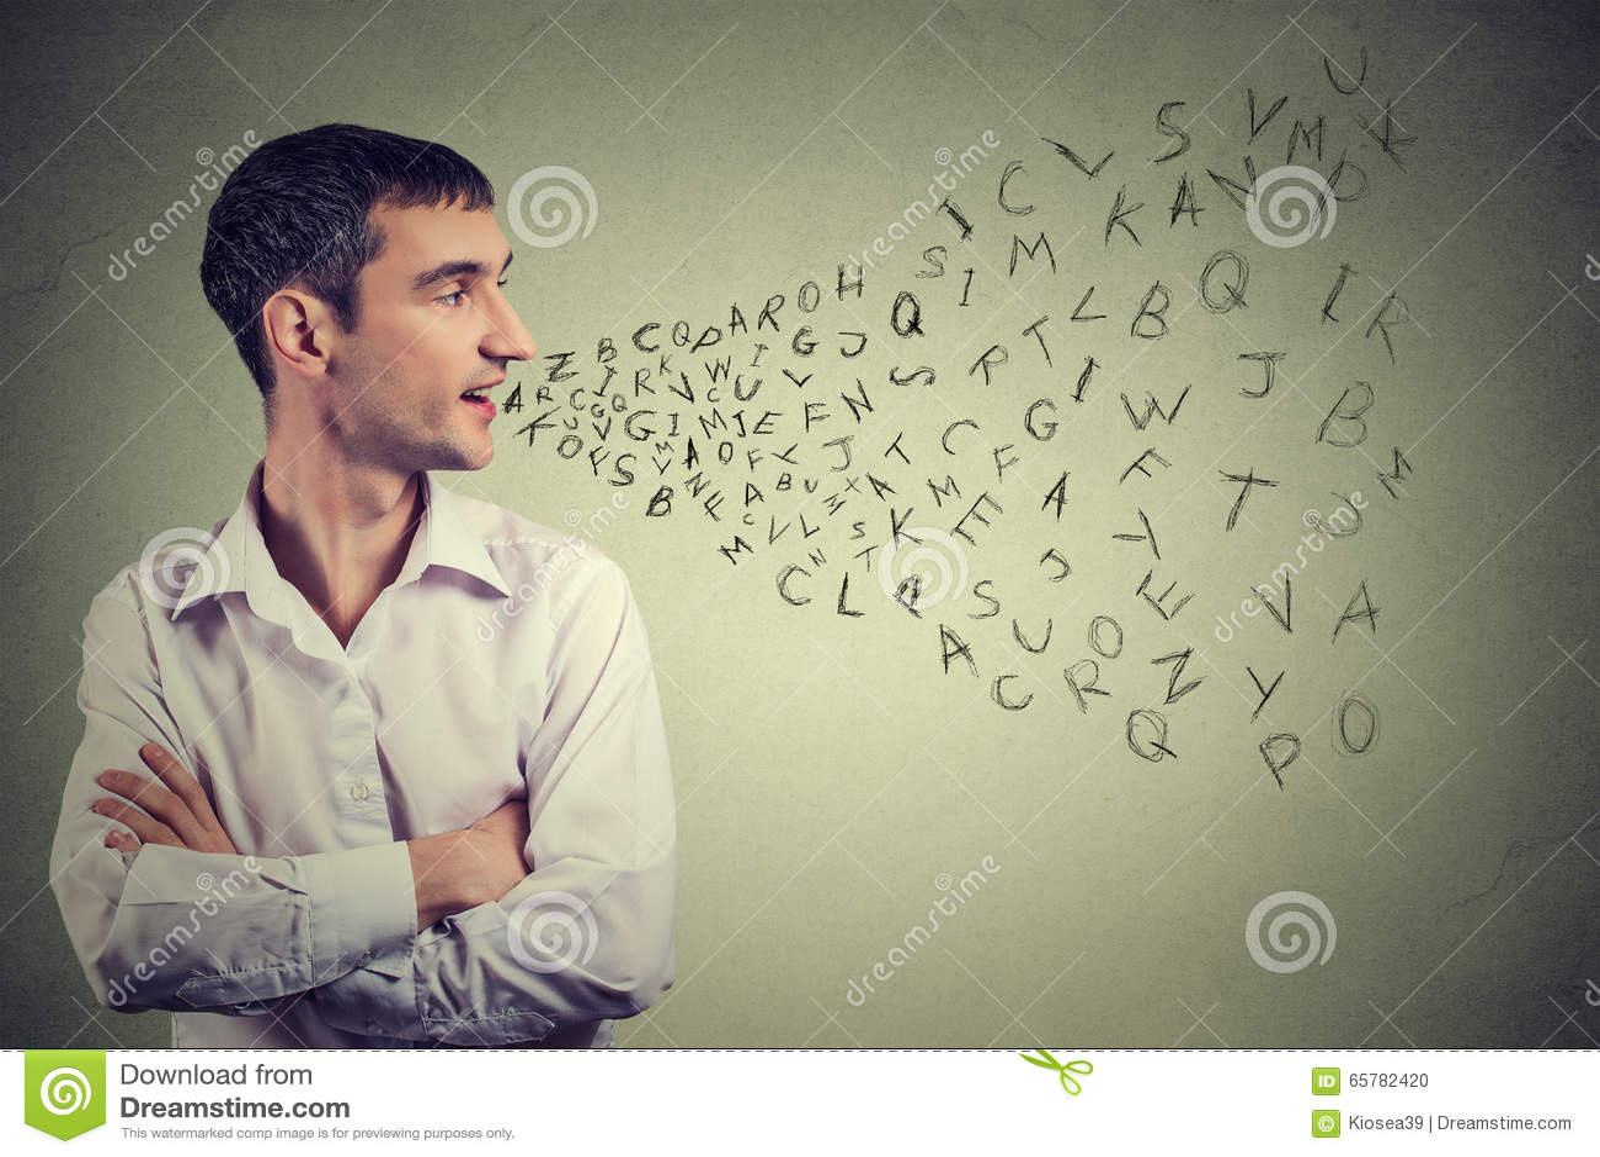 Άτομο που μιλά με τις επιστολές αλφάβητου που βγαίνουν από το στόμα του Επικοινωνία, πληροφορίες, έννοια νοημοσύνης